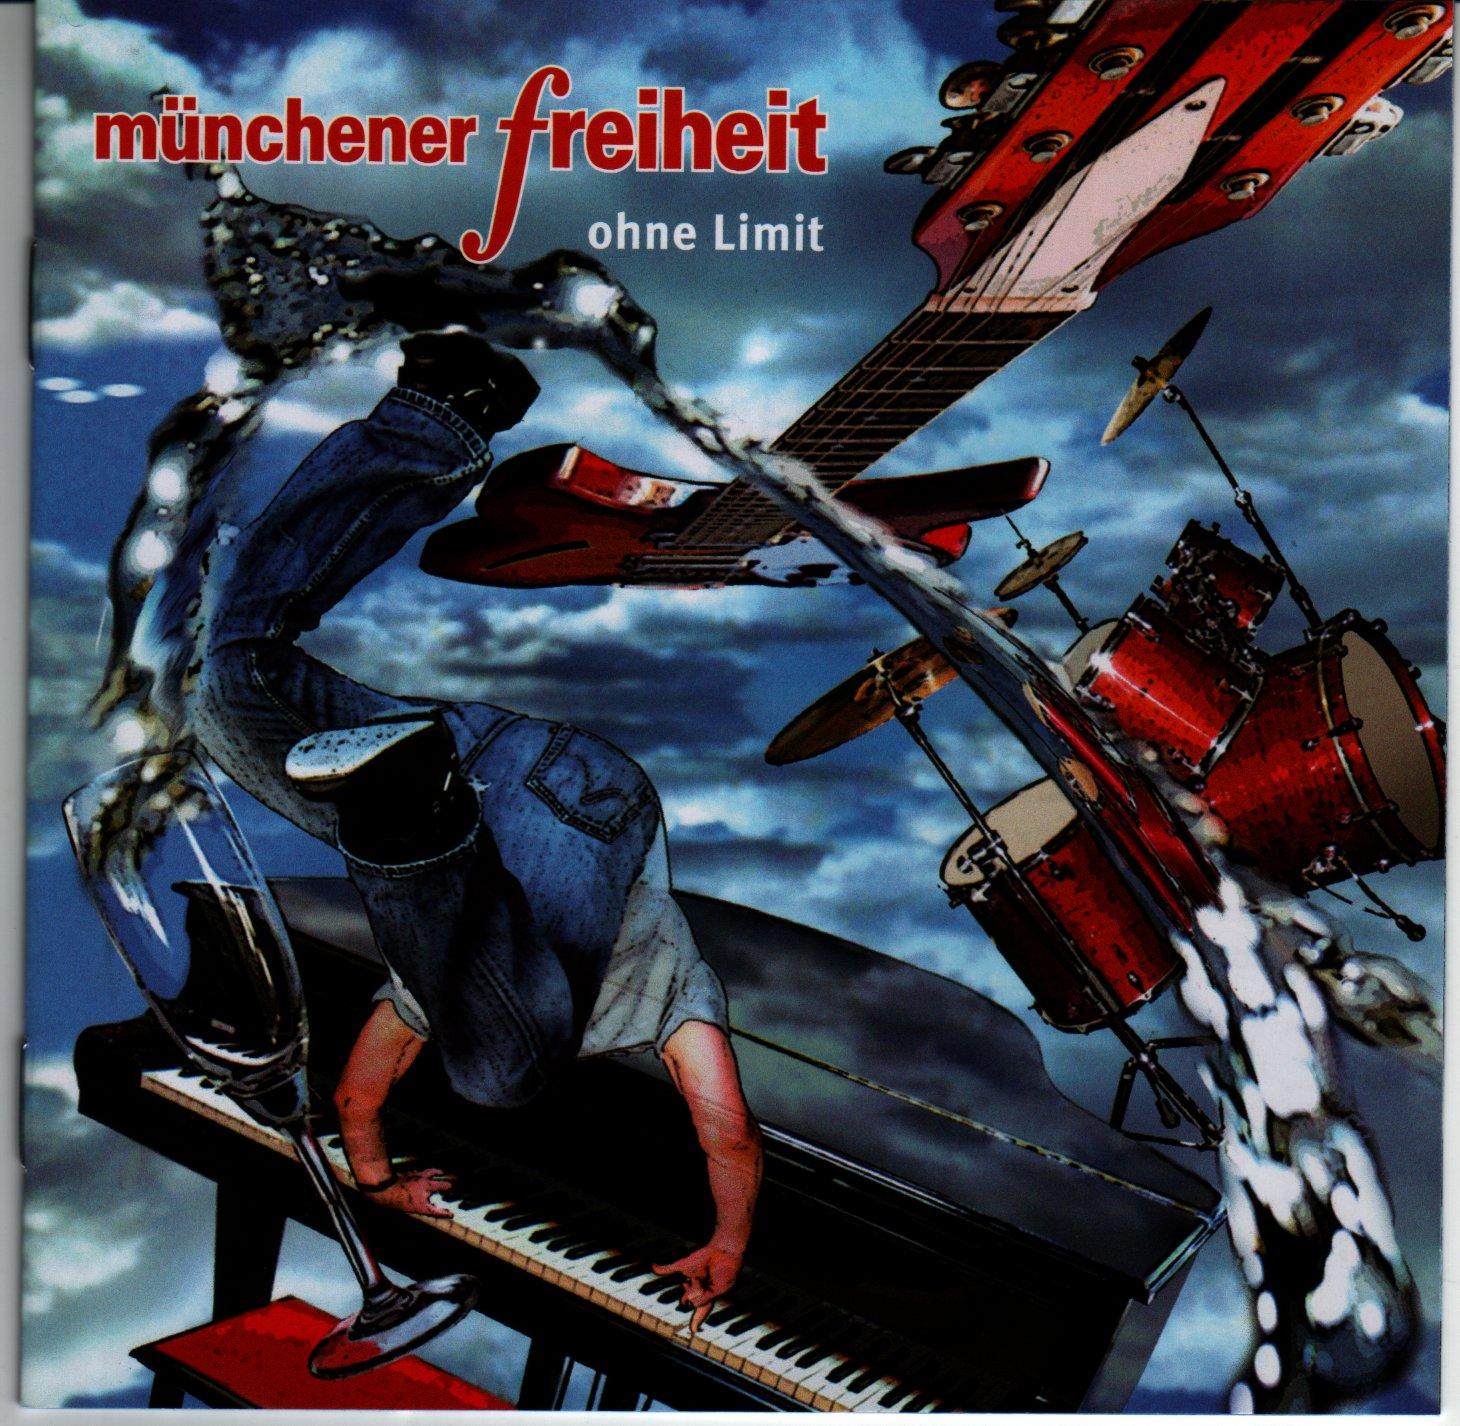 Muenchener Freiheit - Ohne Limit-2010